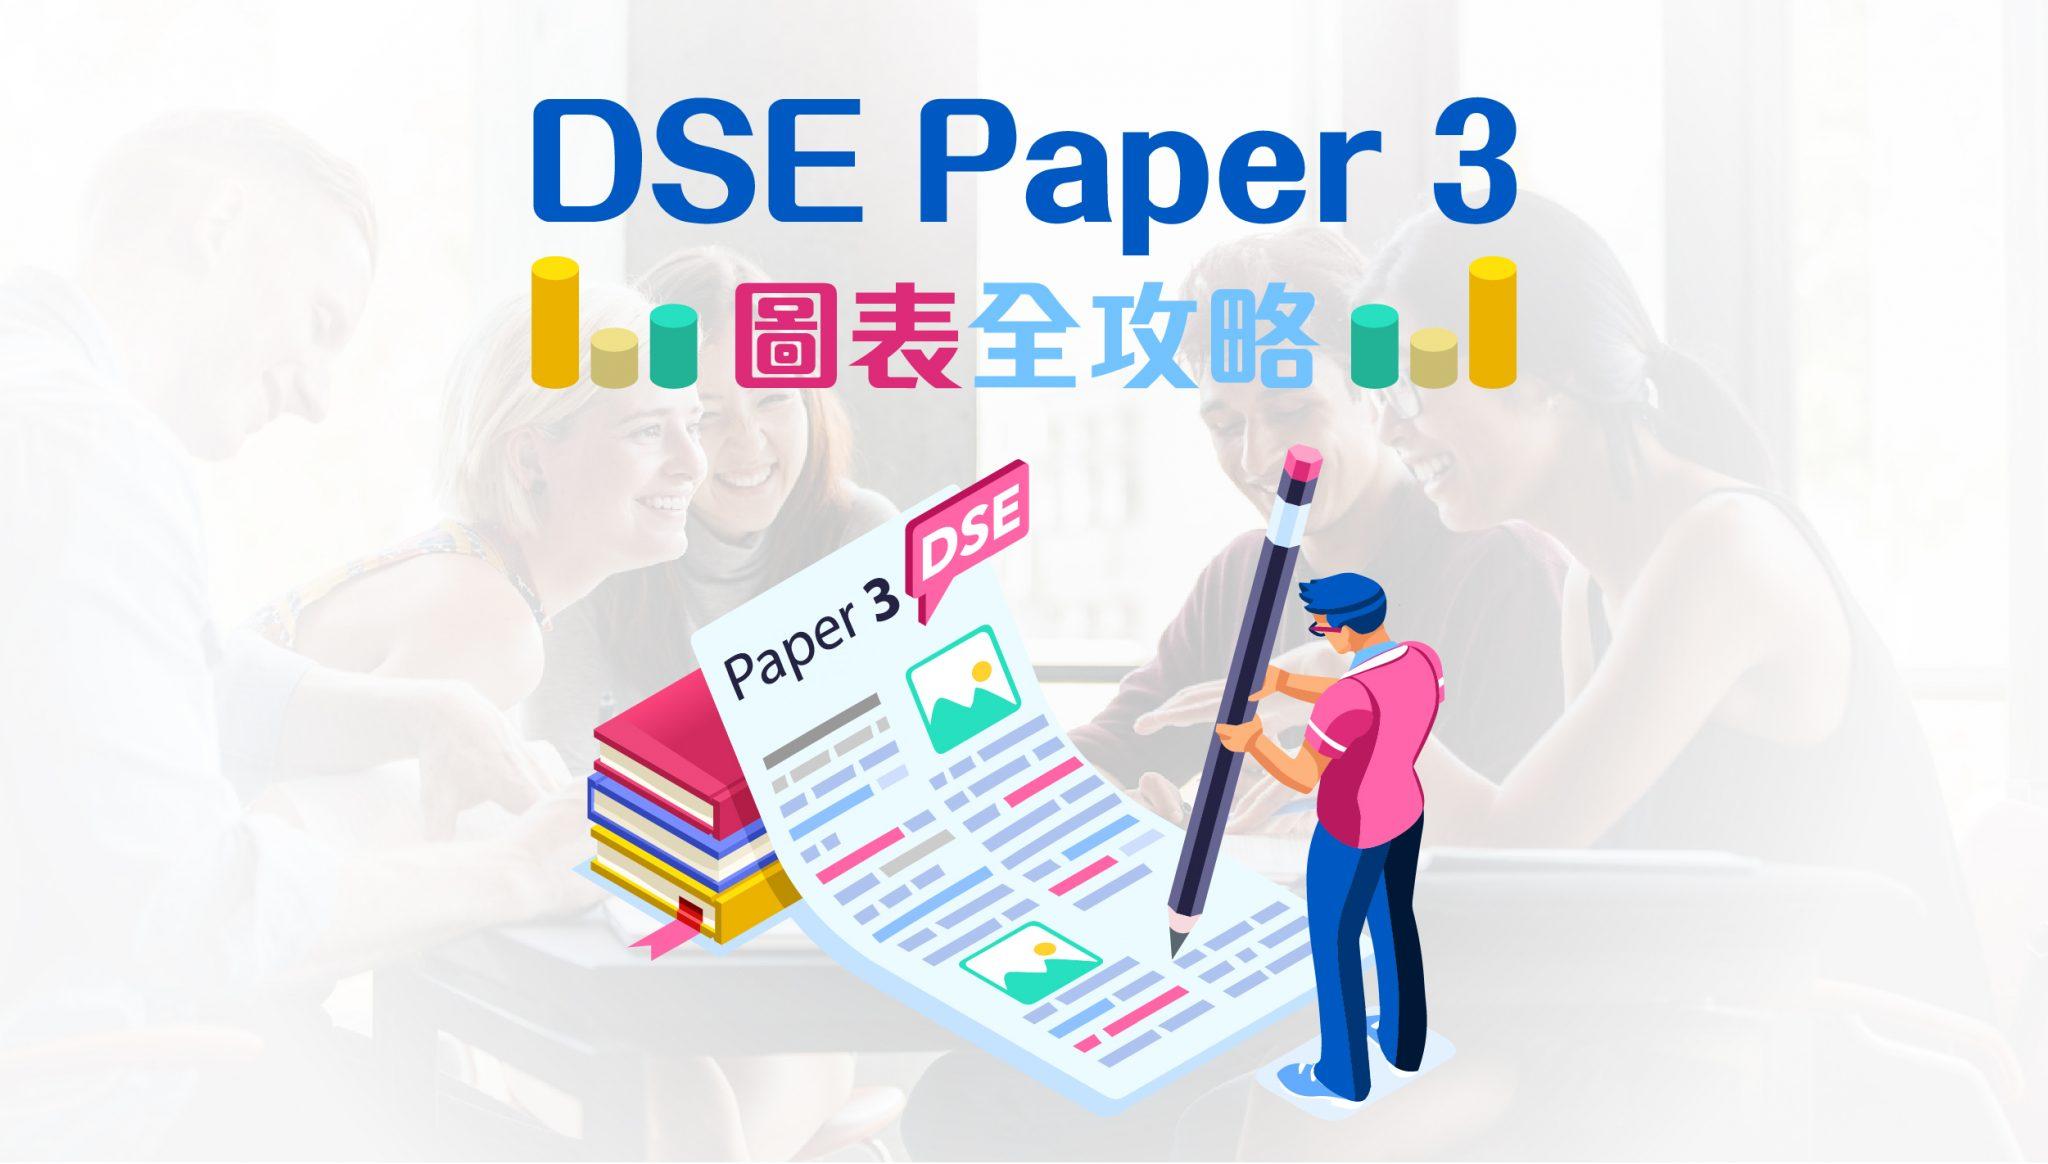 DSE PAPER 3